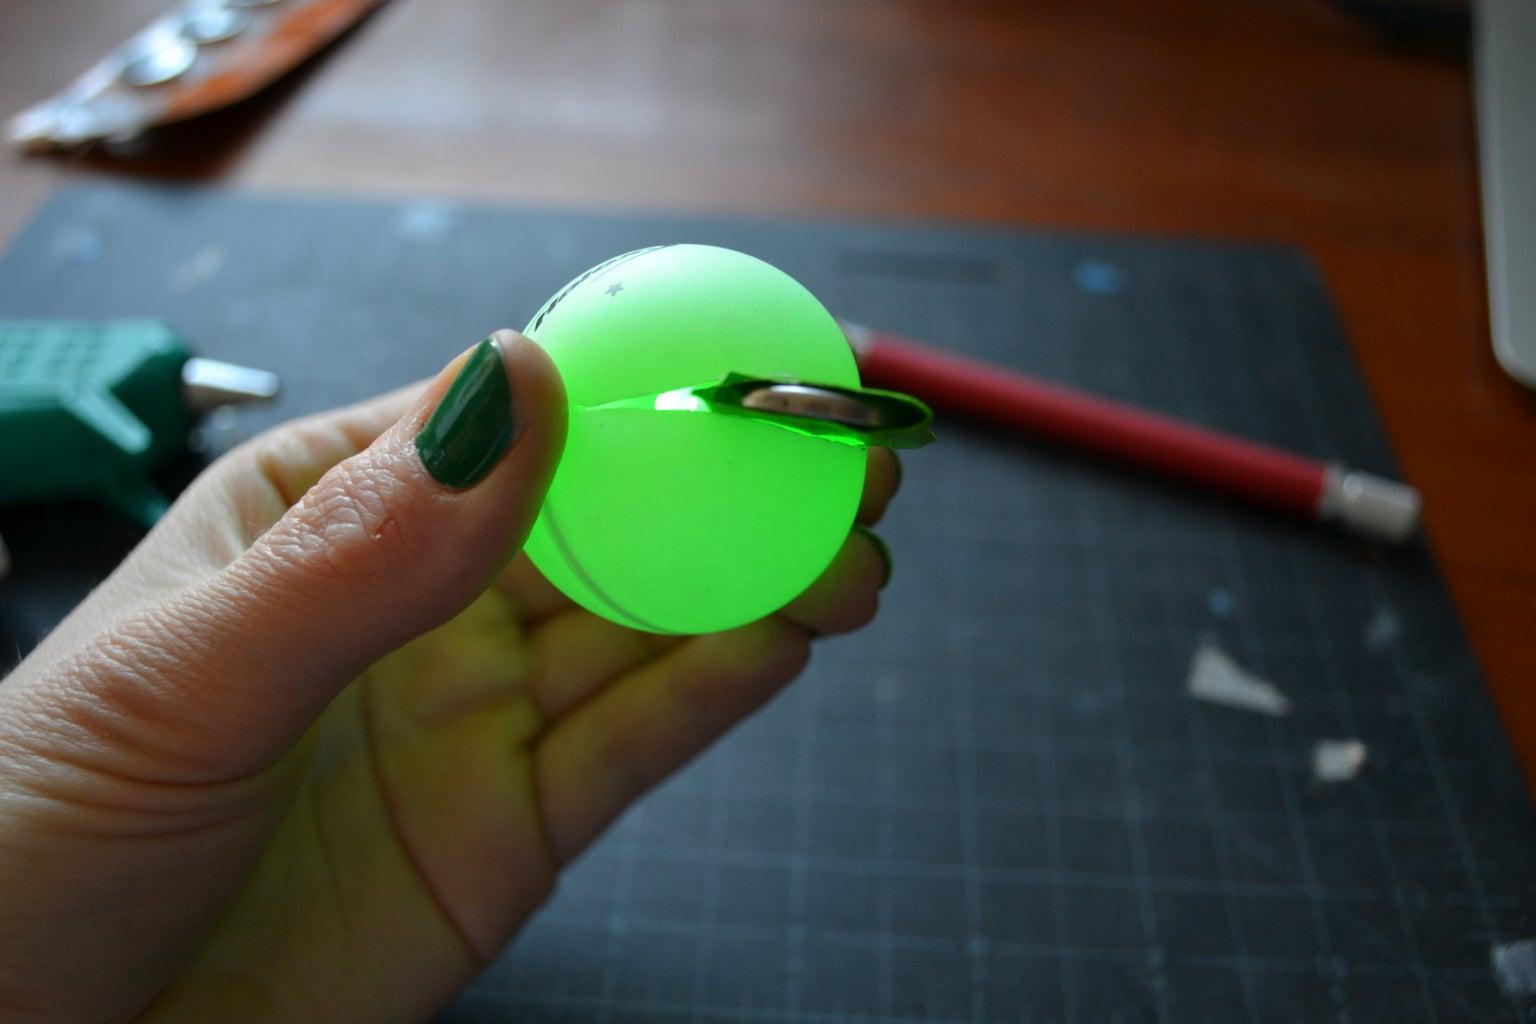 Insert the LED/battery